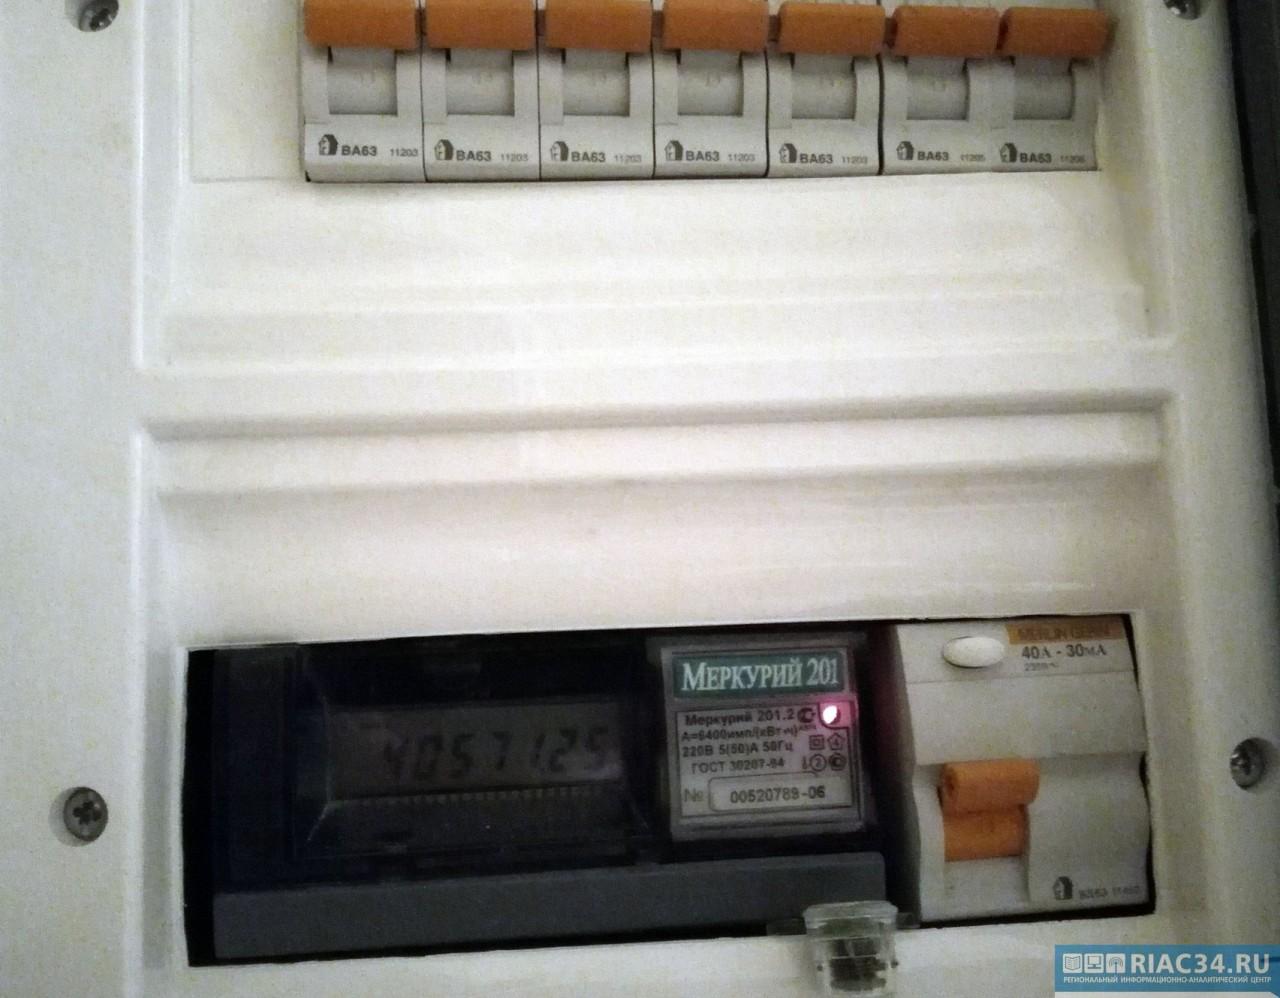 В Волгоградской области мошенники распространяют фальшивые квитанции о замене счётчиков